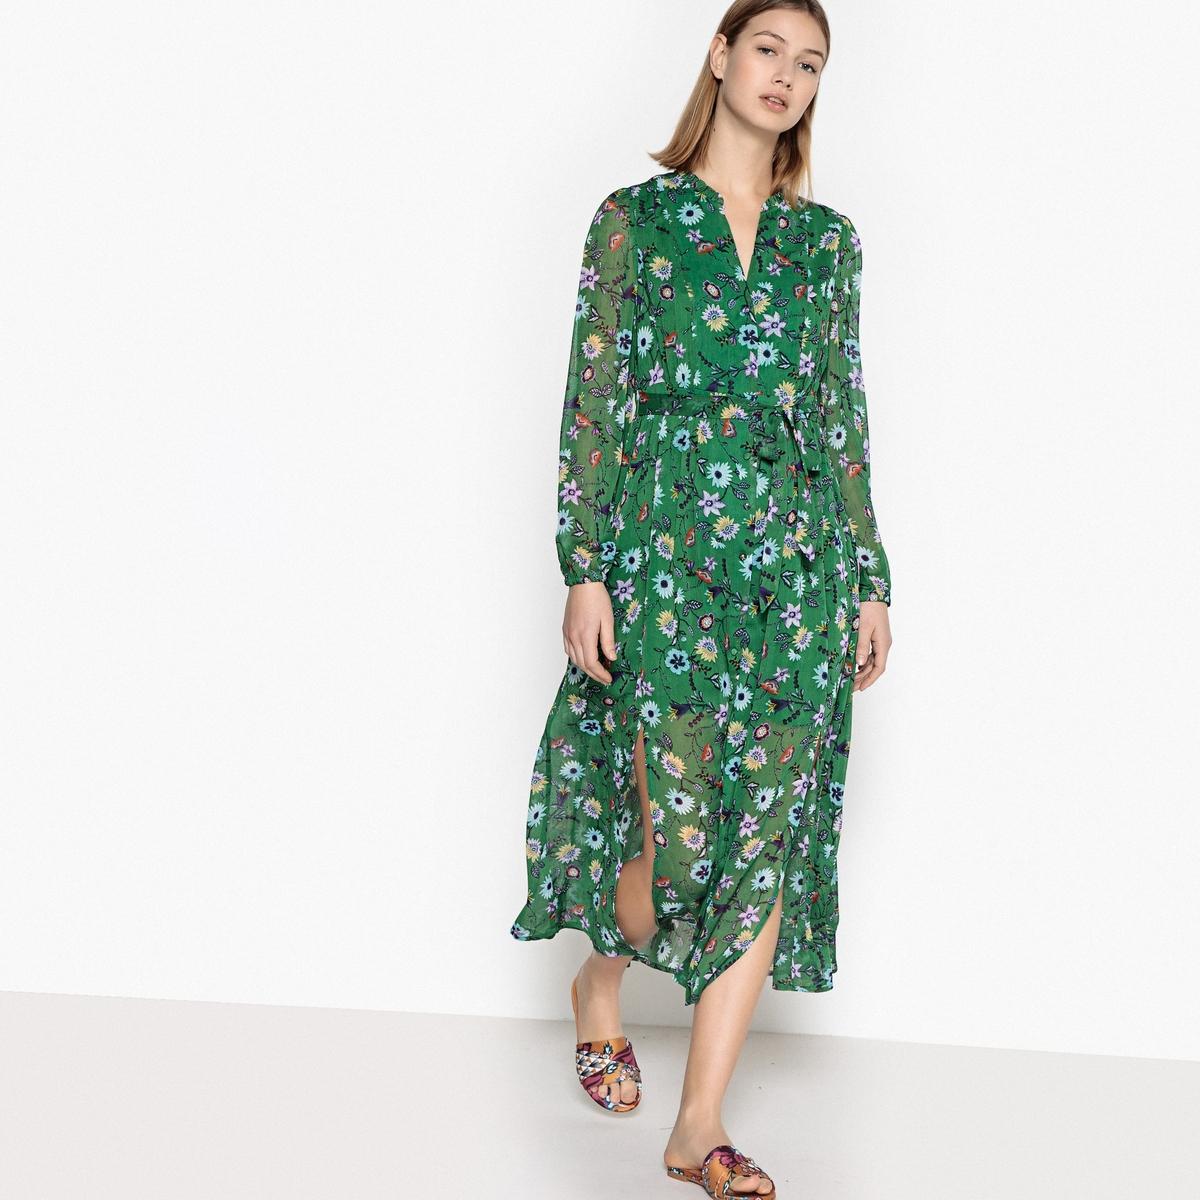 Платье удлинённое, расклешённое с длинными рукавами